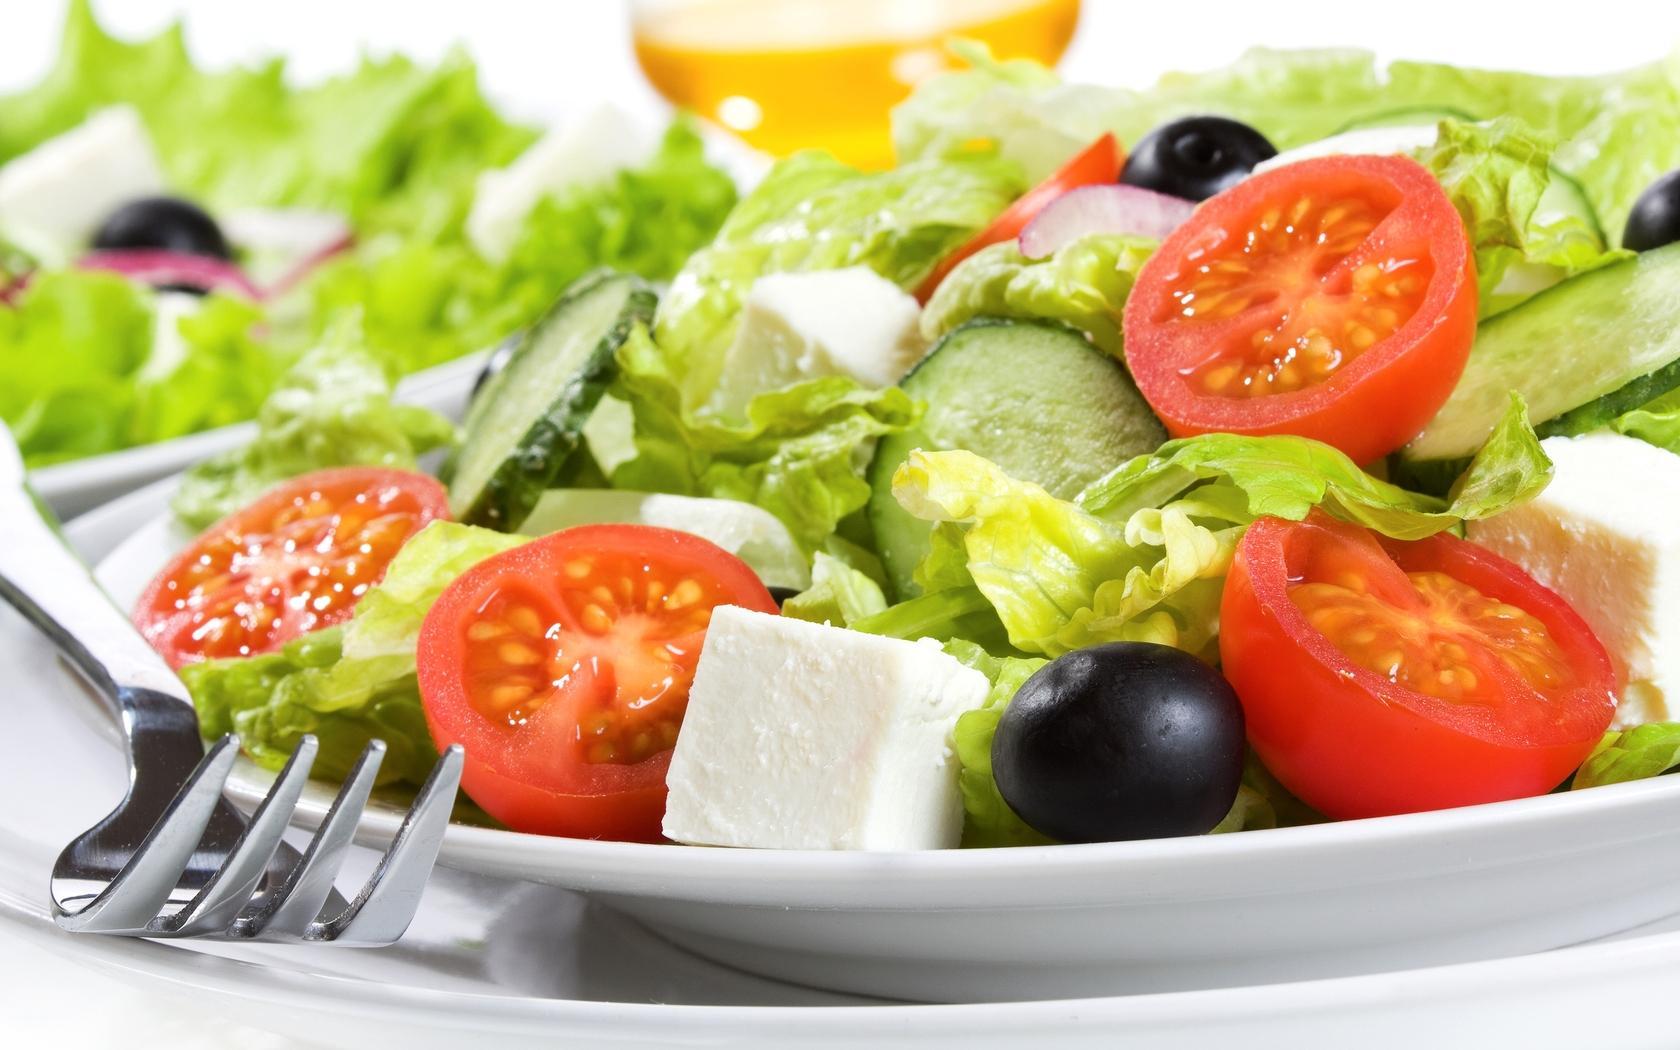 Салат, помидоры, фото, скачать, с сыром, обои для рабочего стола